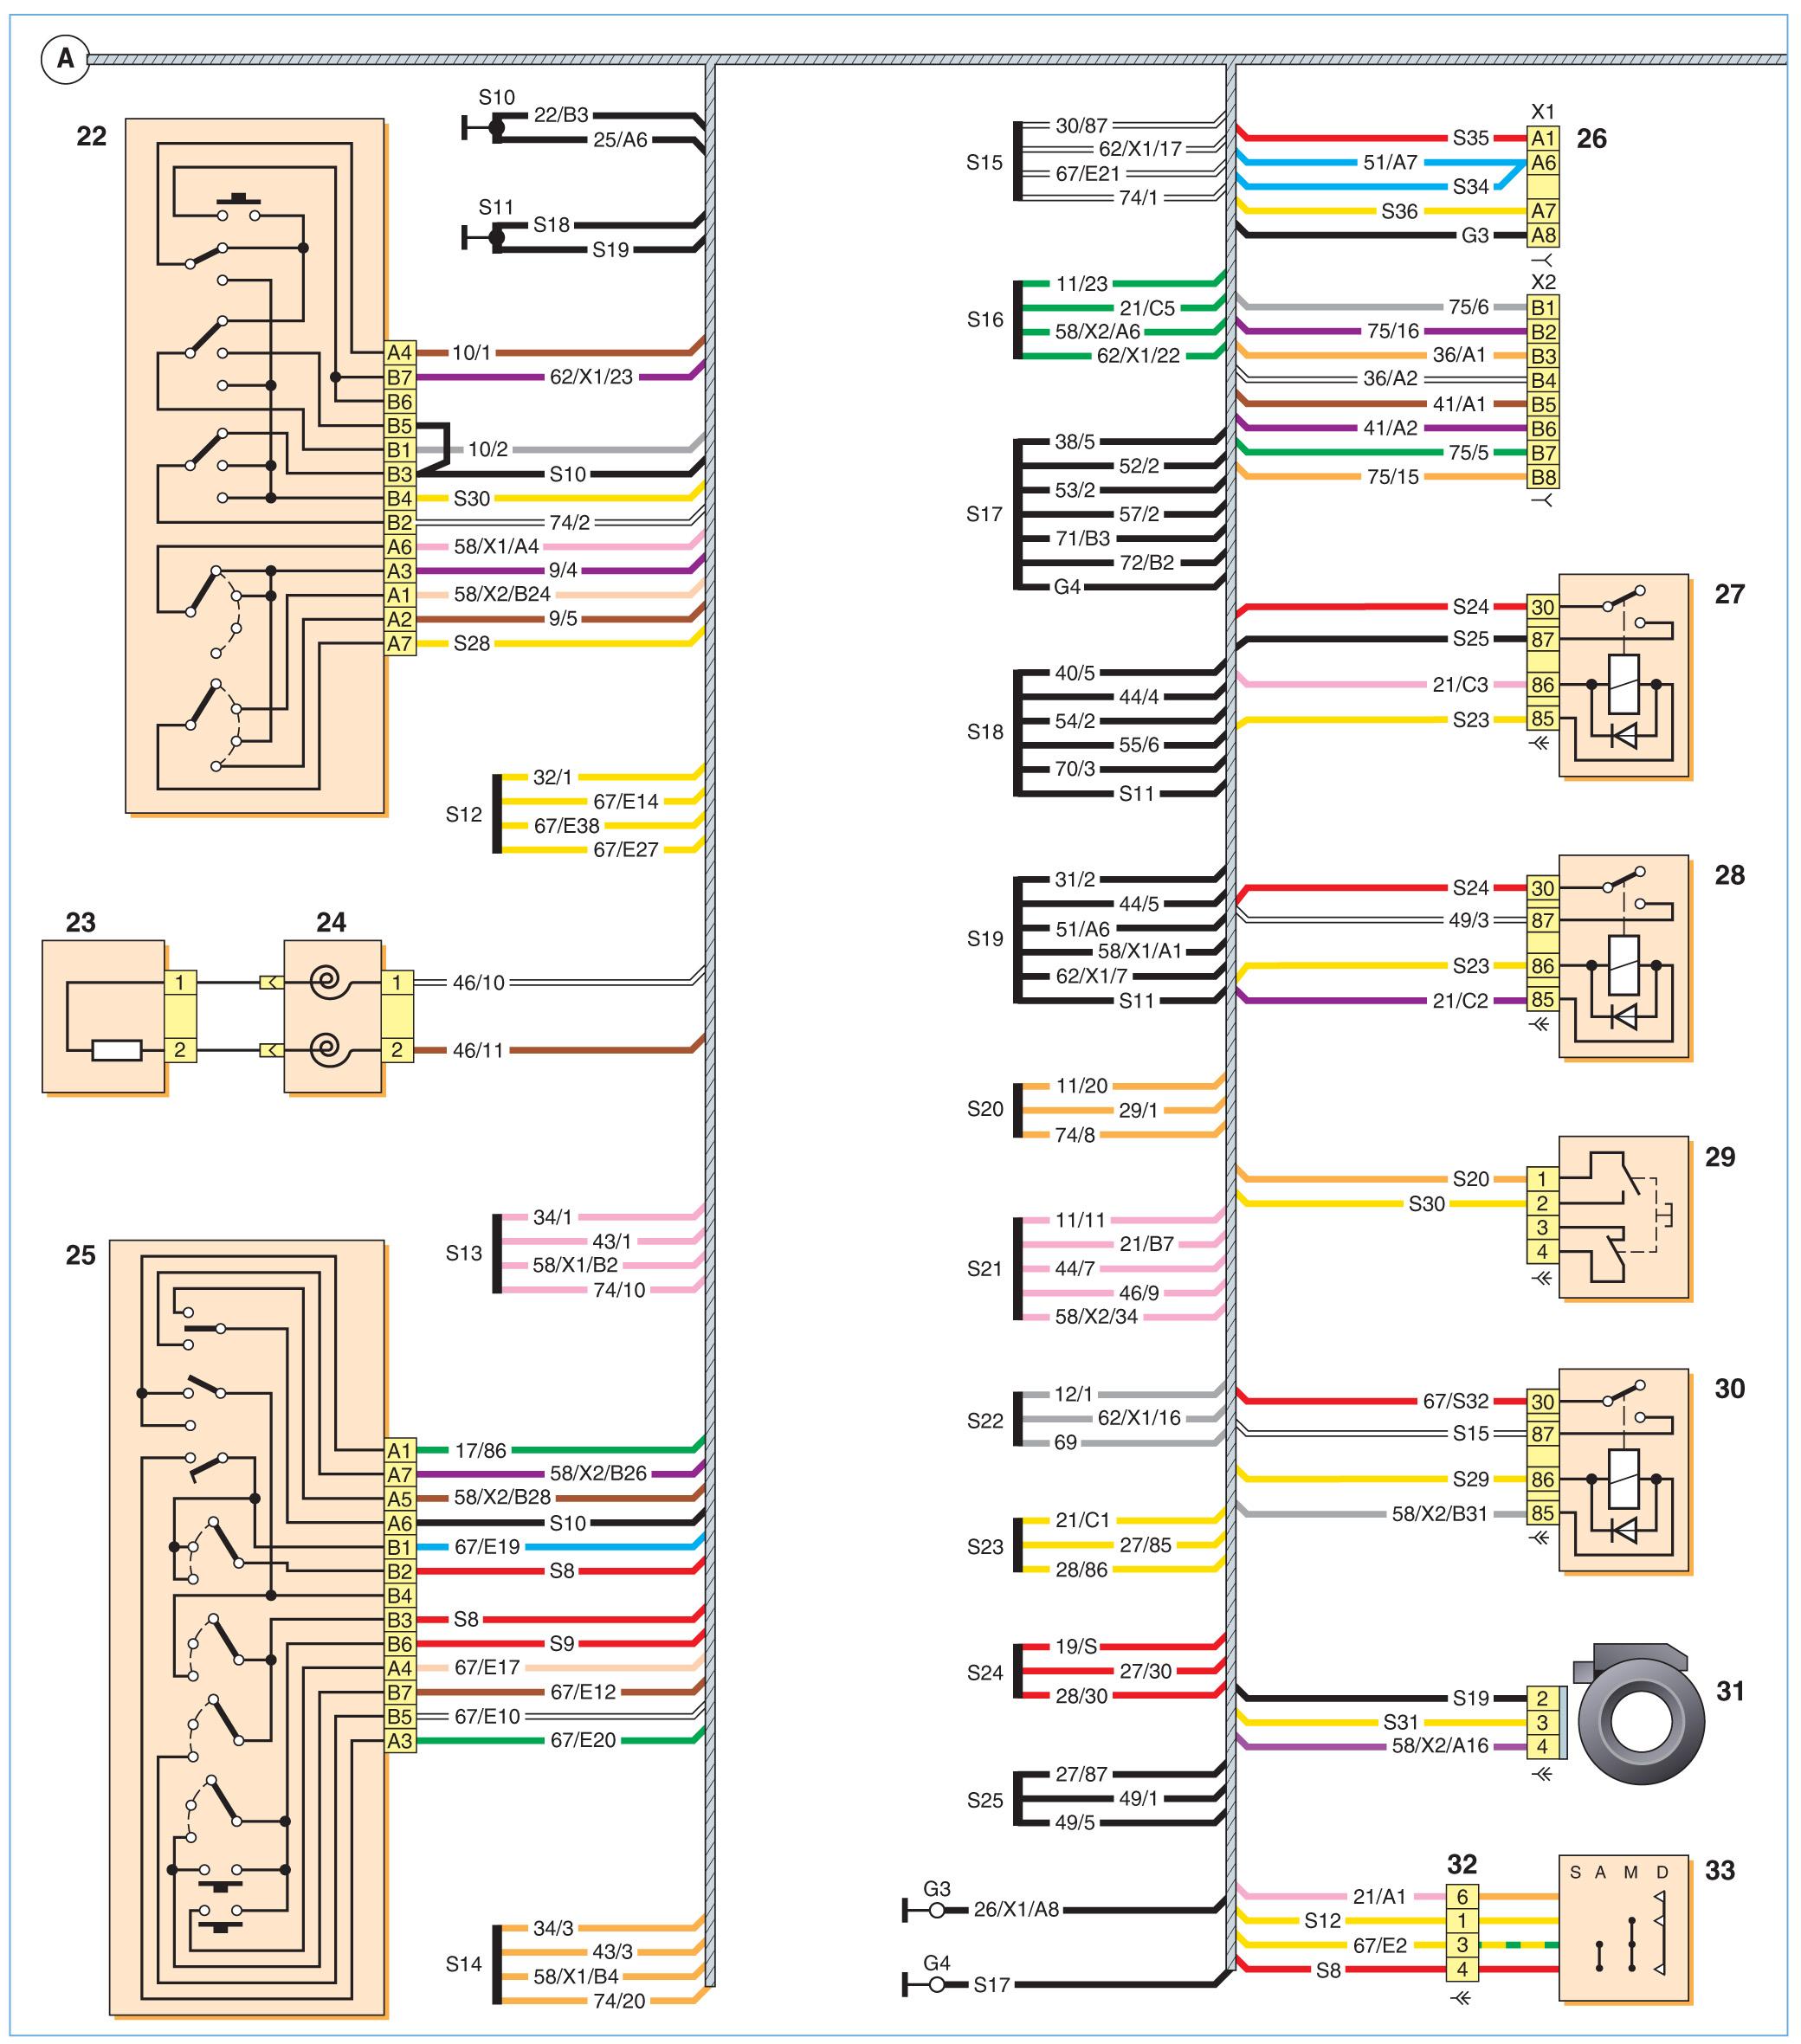 электросхемы renault logan 2012